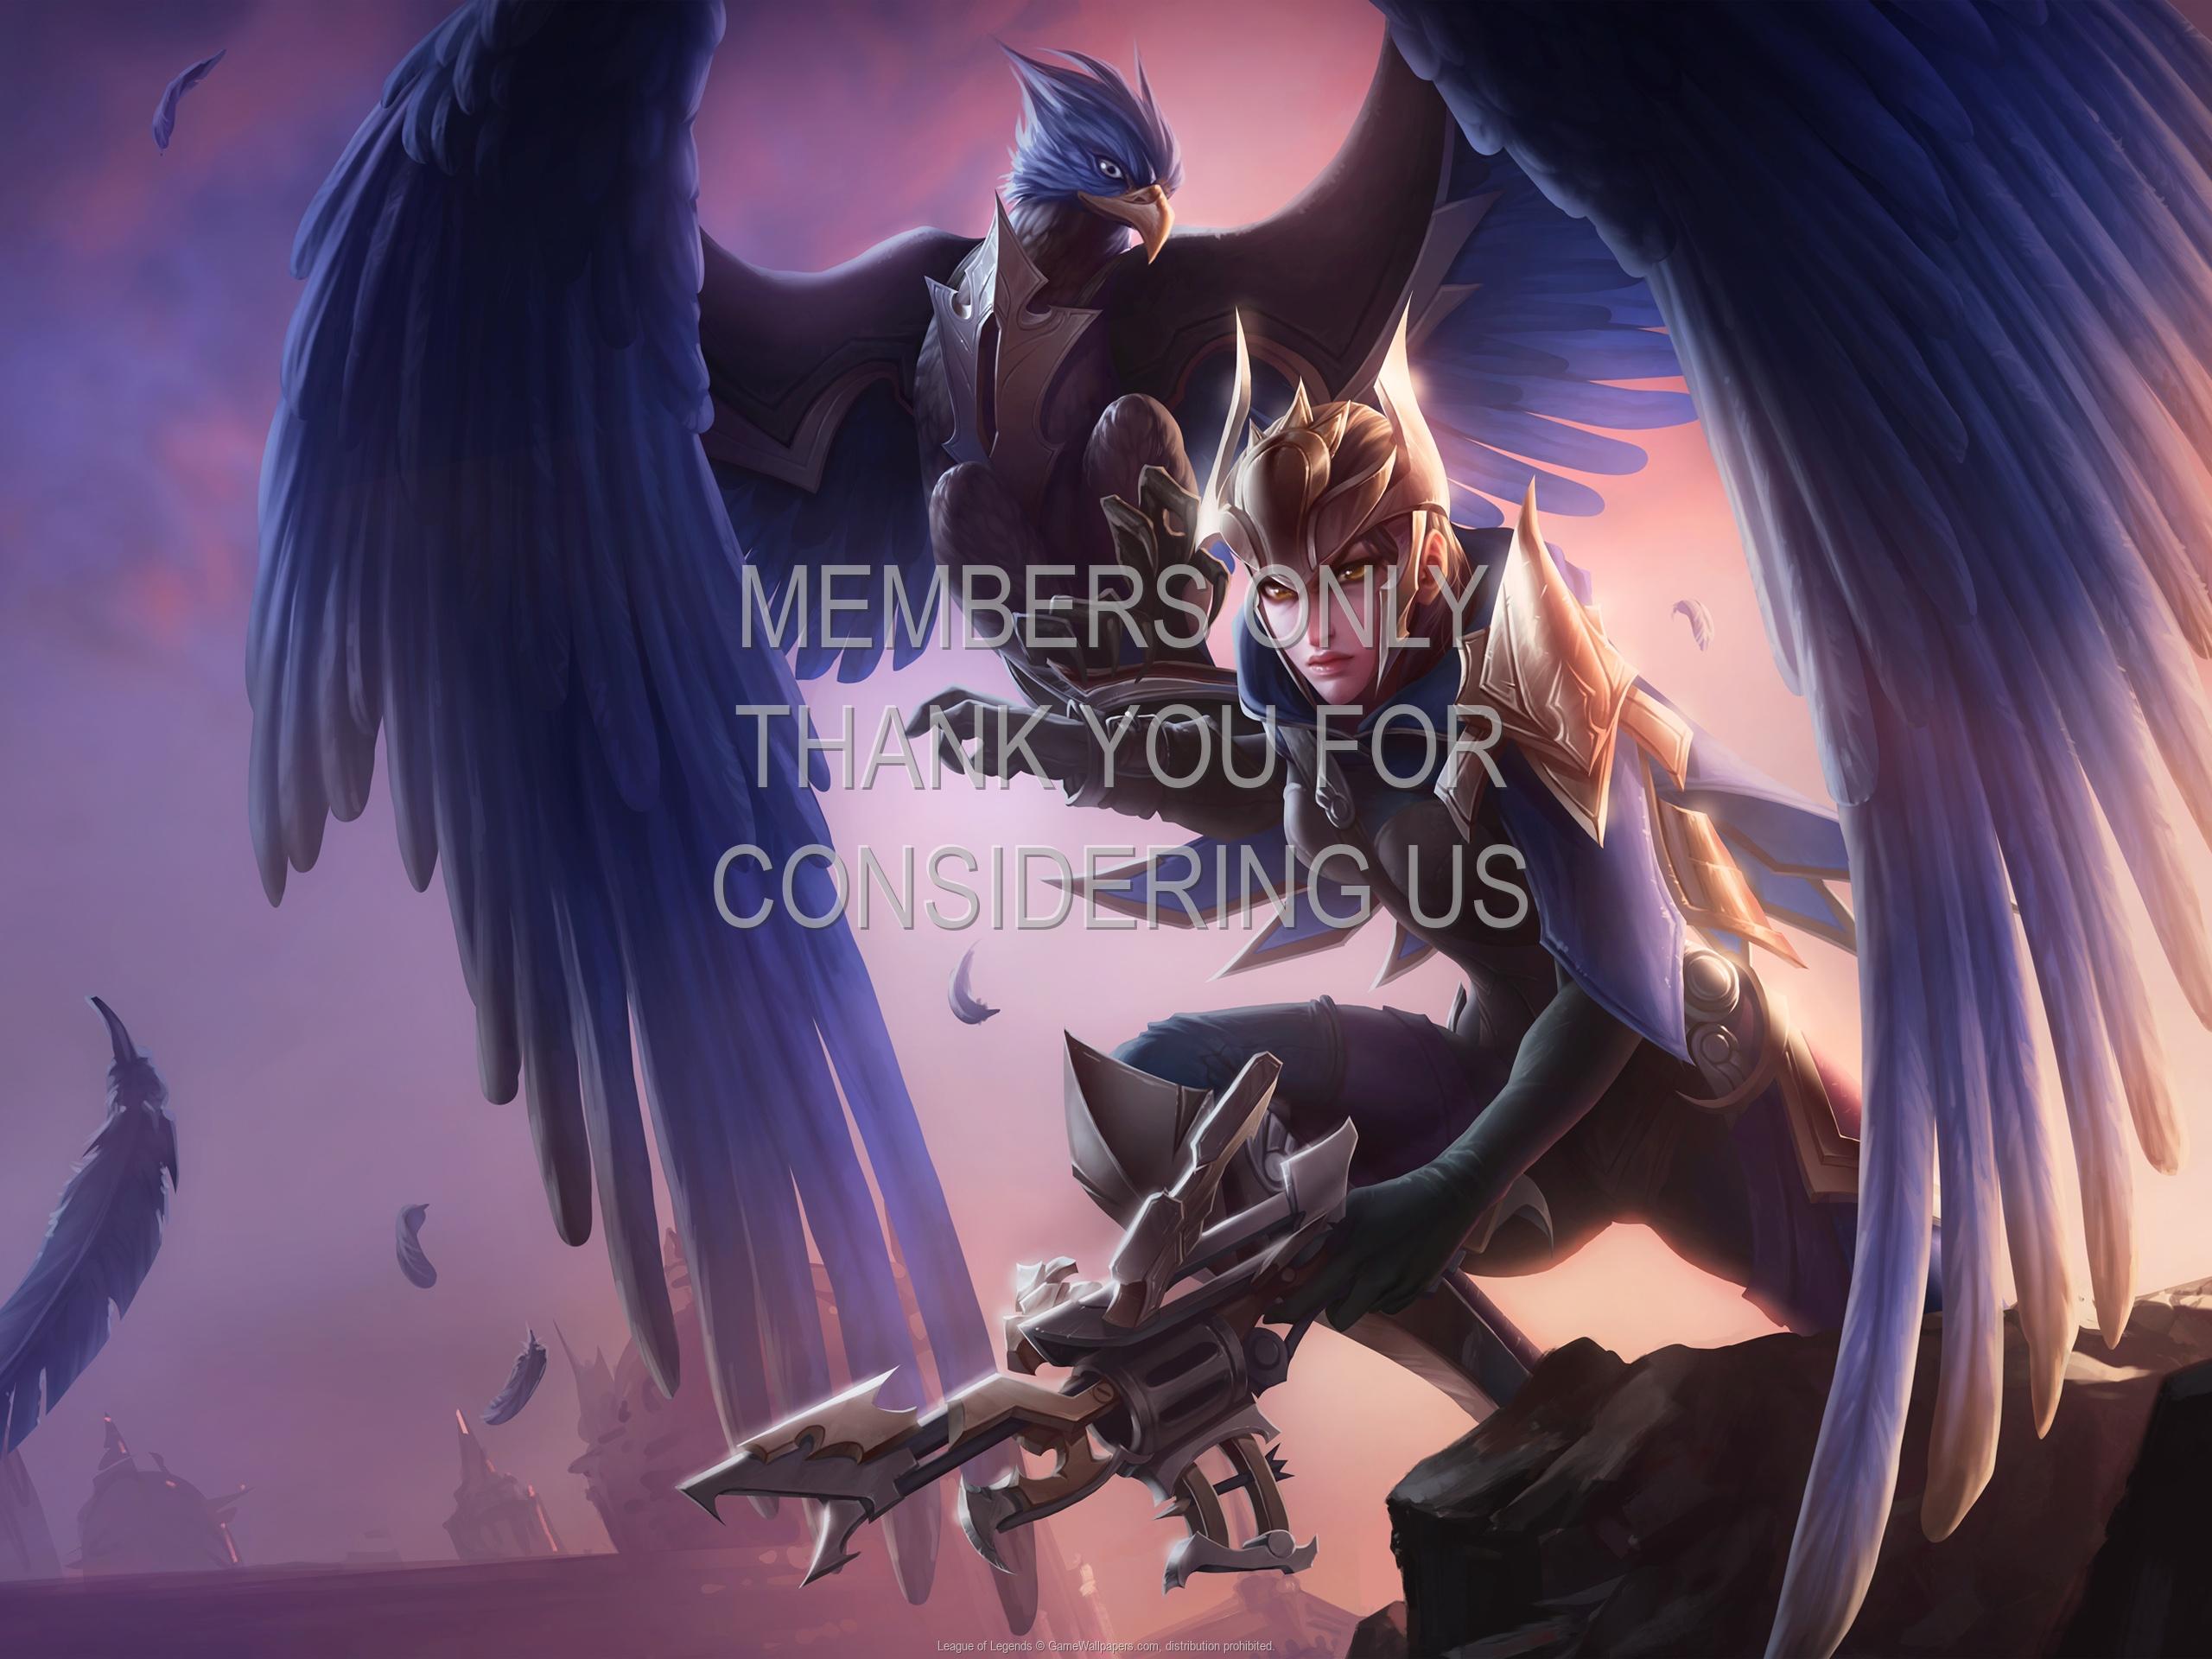 League of Legends 1920x1080 Mobiele achtergrond 07